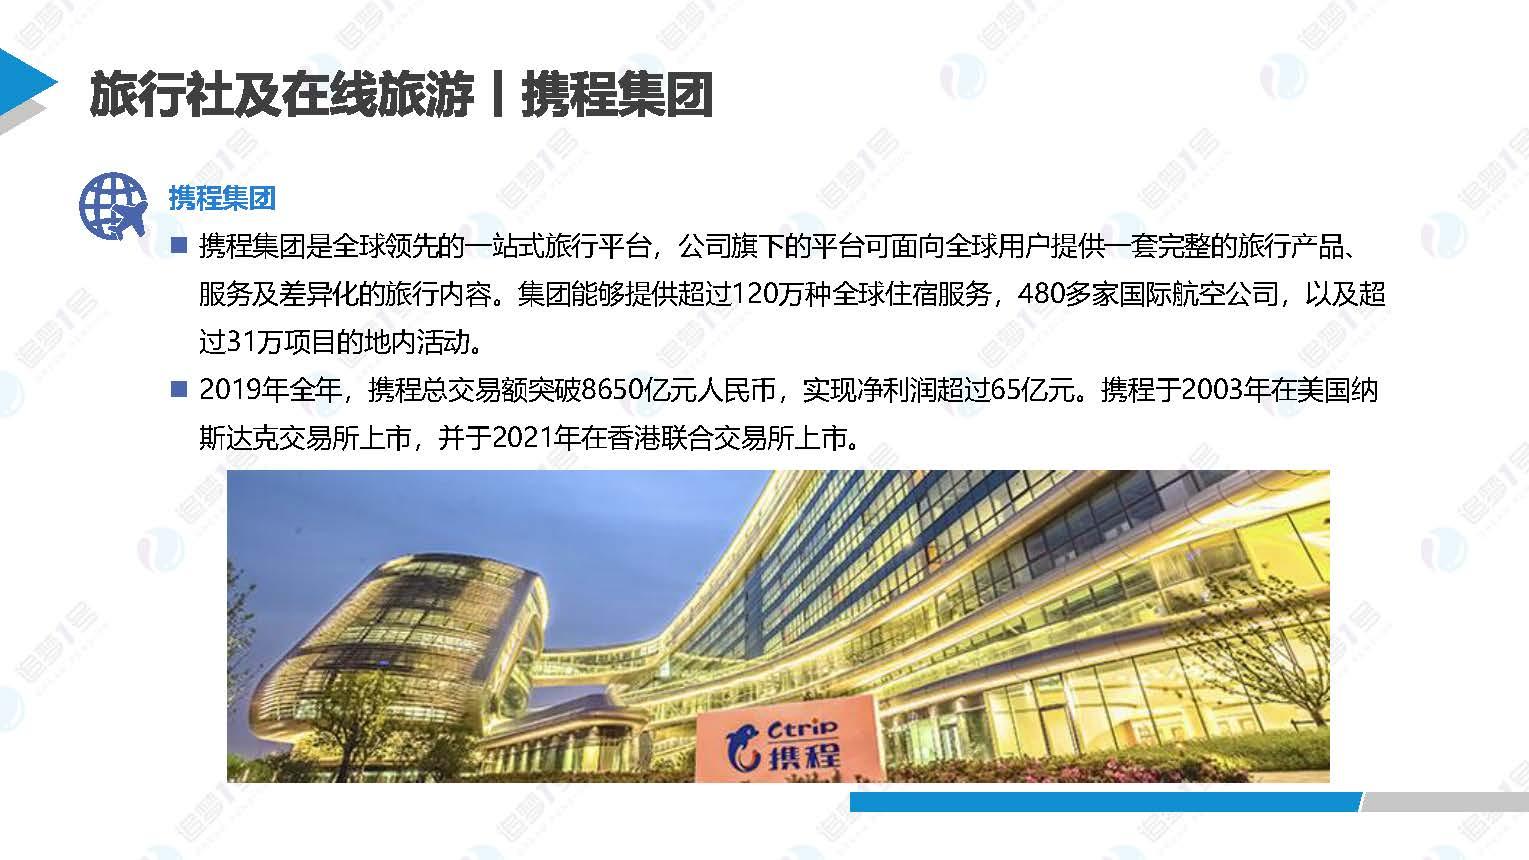 中国旅游行业研究 _页面_30.jpg